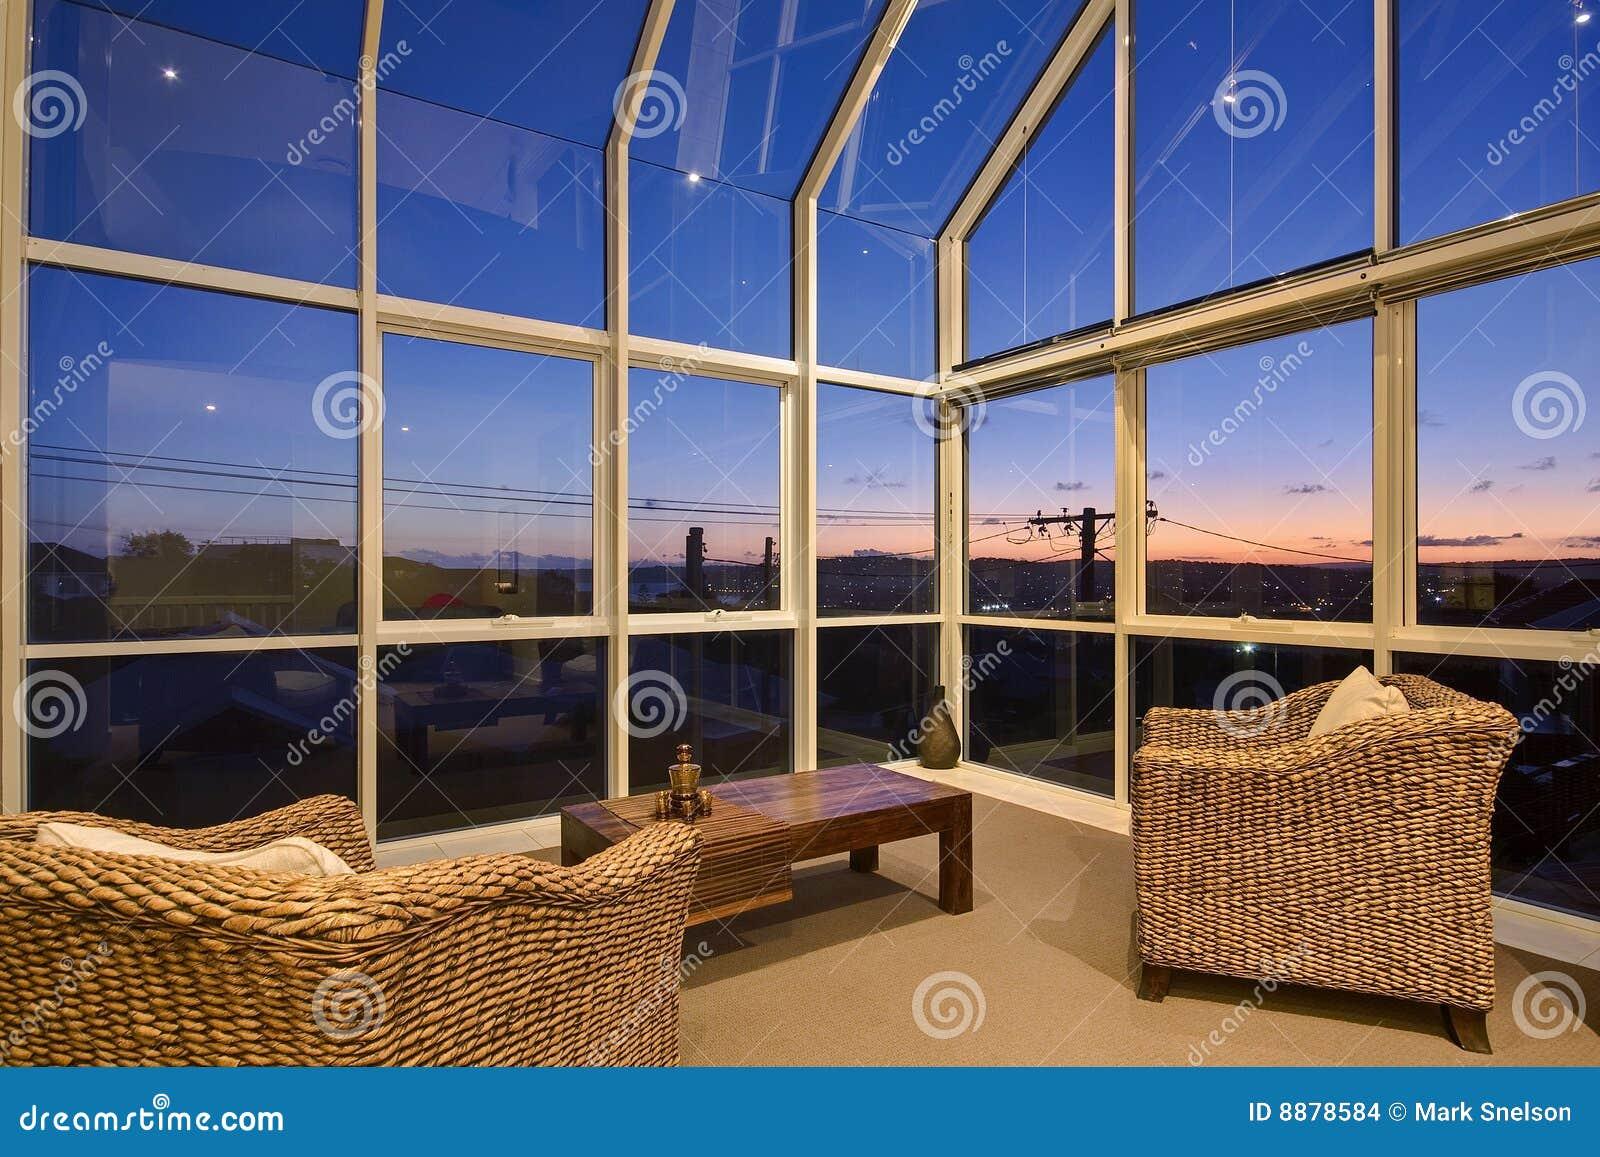 Sitio de sol de cristal interior